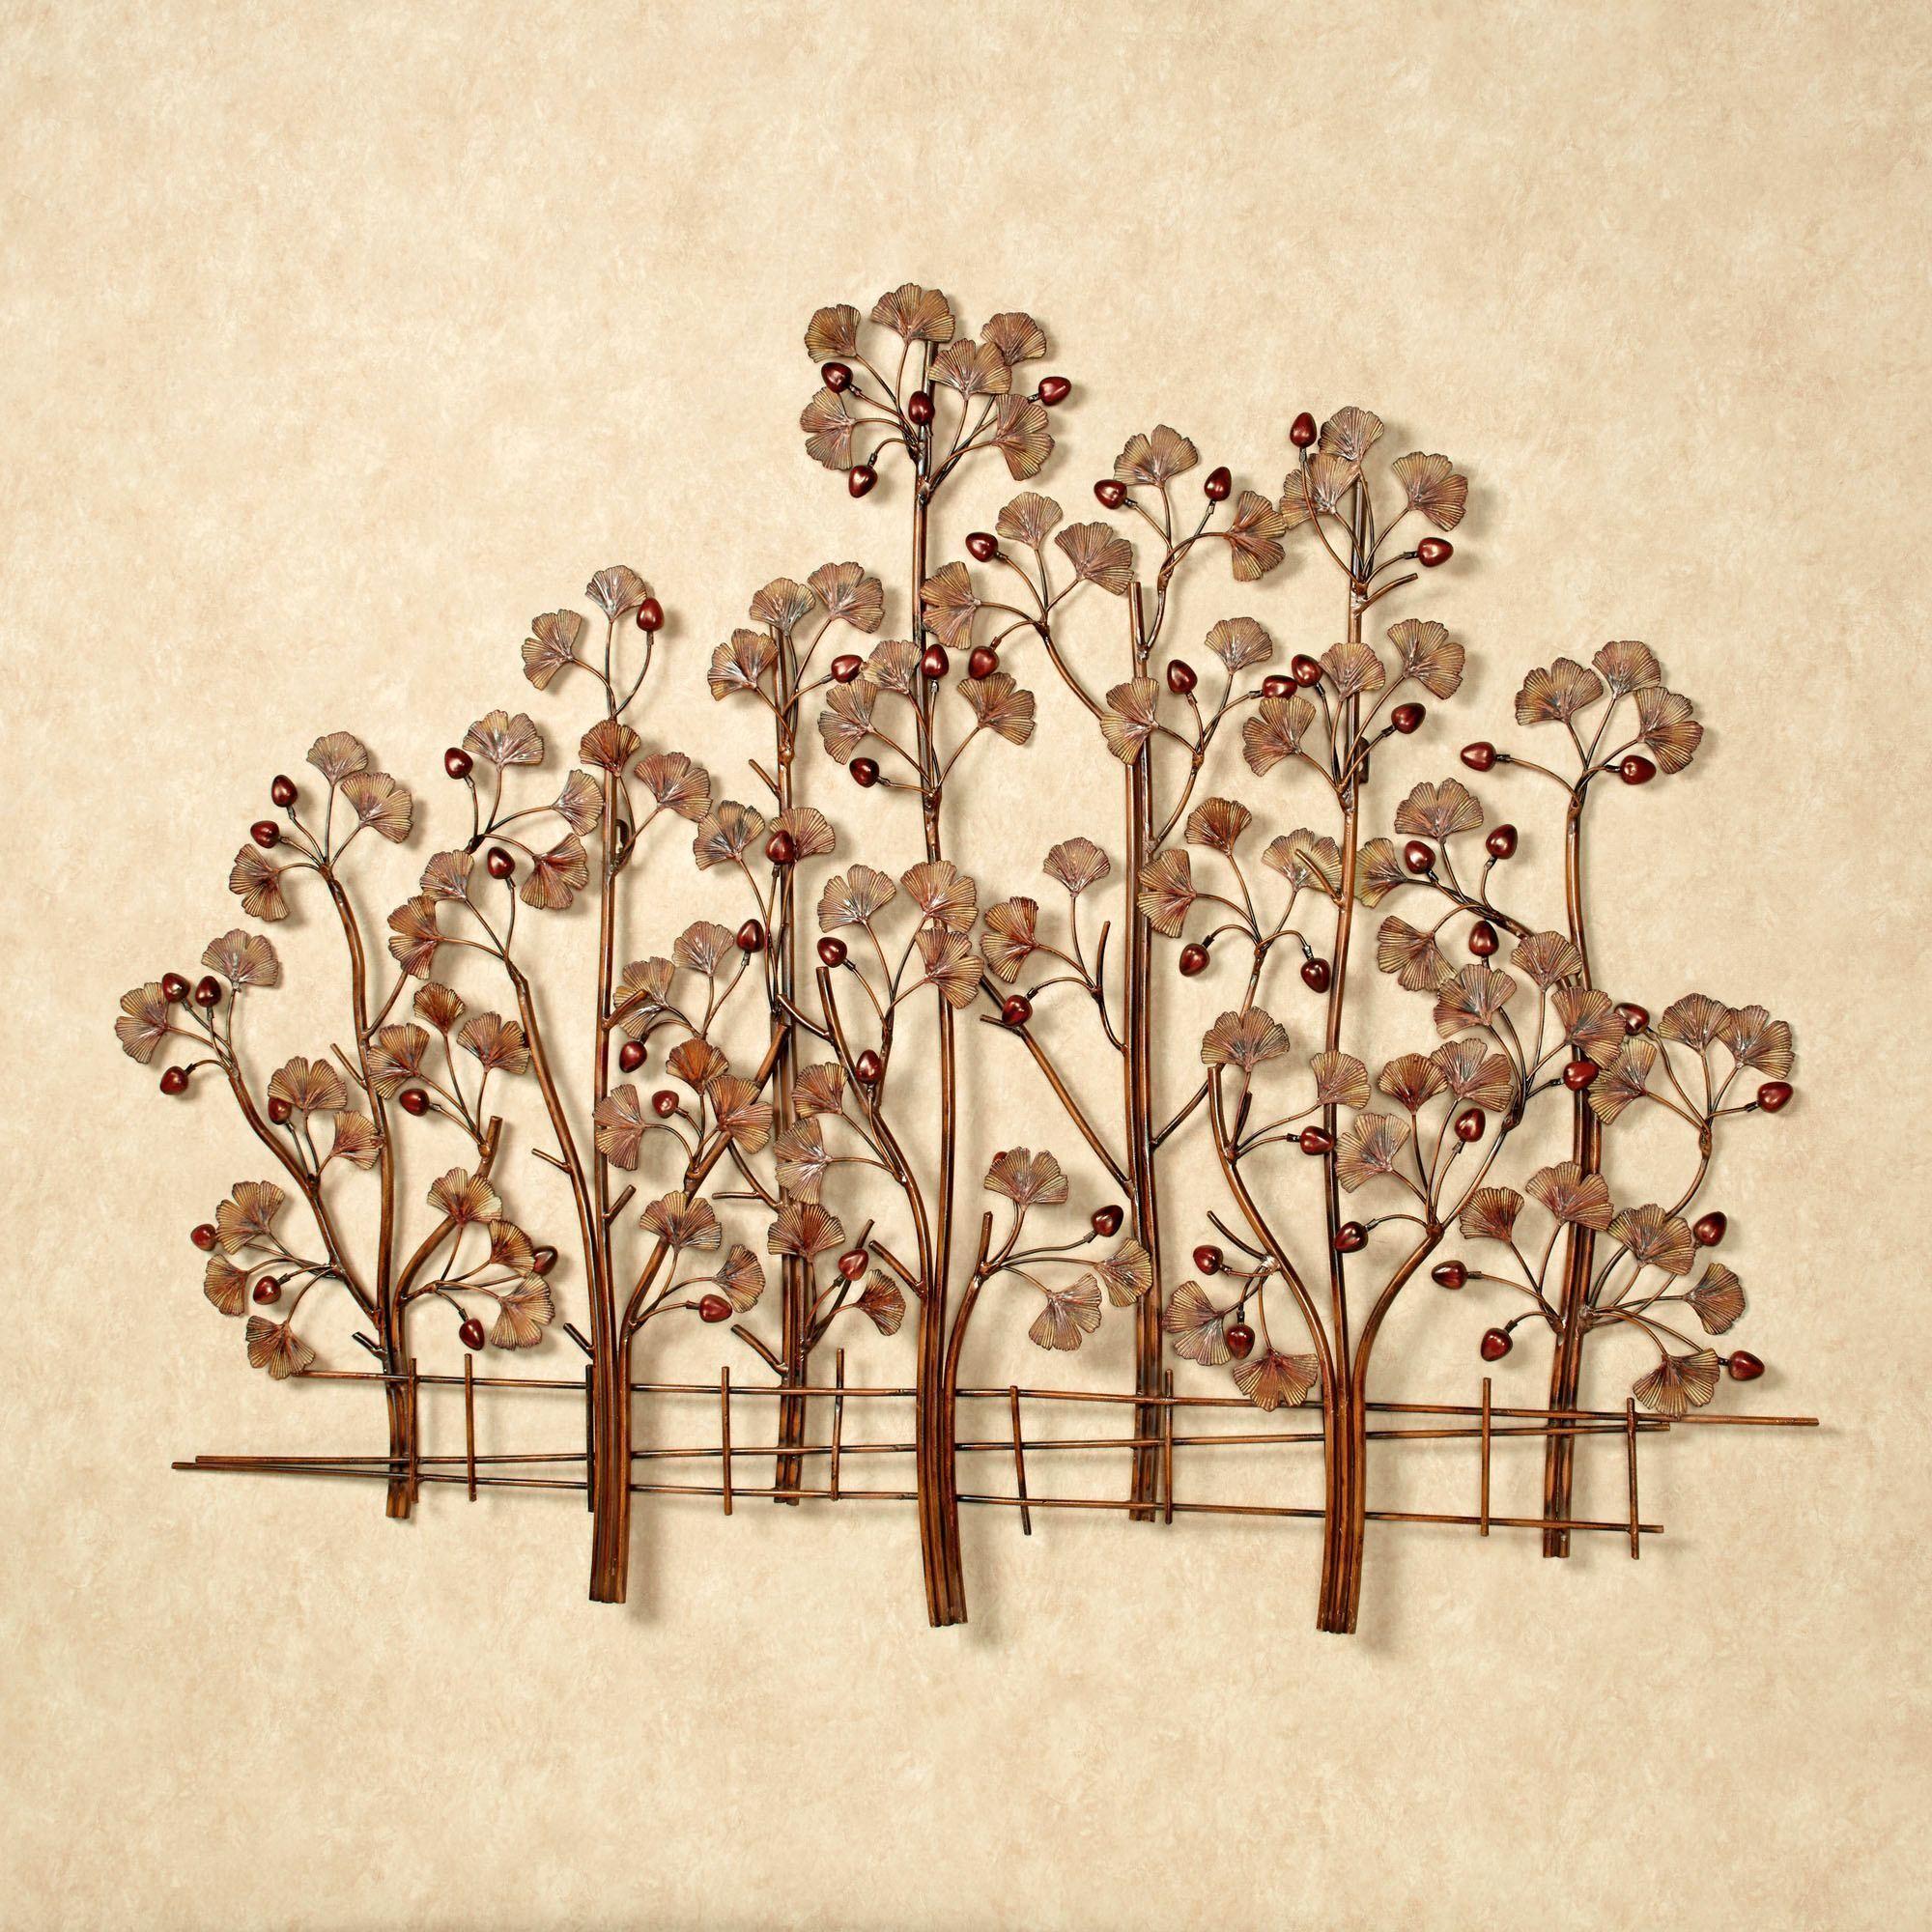 Metal Tree Art Ginkgo Tree Metal Wall Sculpture